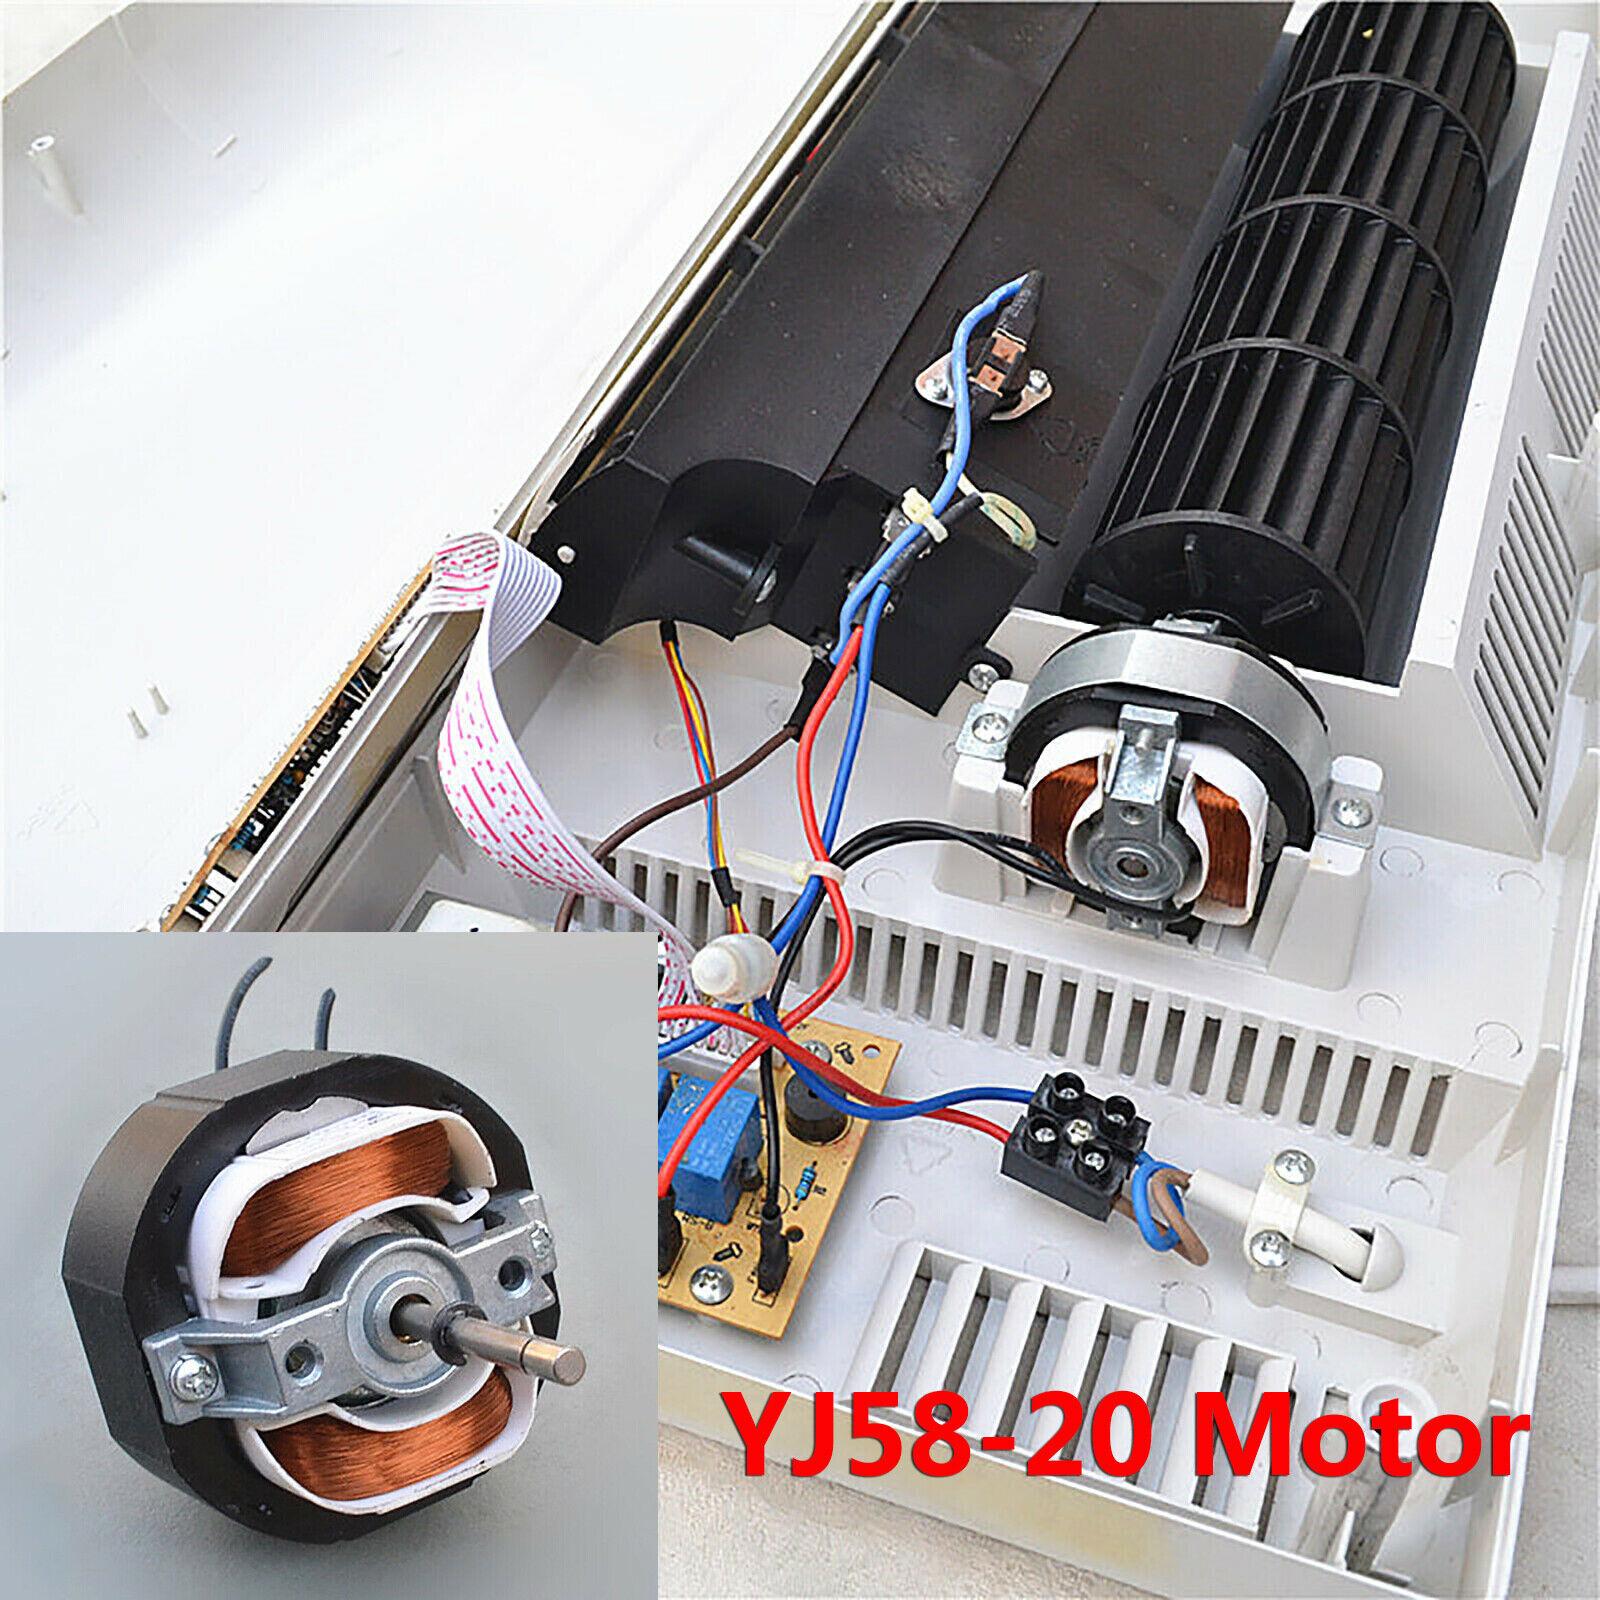 220VAC Exhaust Fan Micro-shield Asynchronous Motor YJ58-20 Fan Motor for Heater